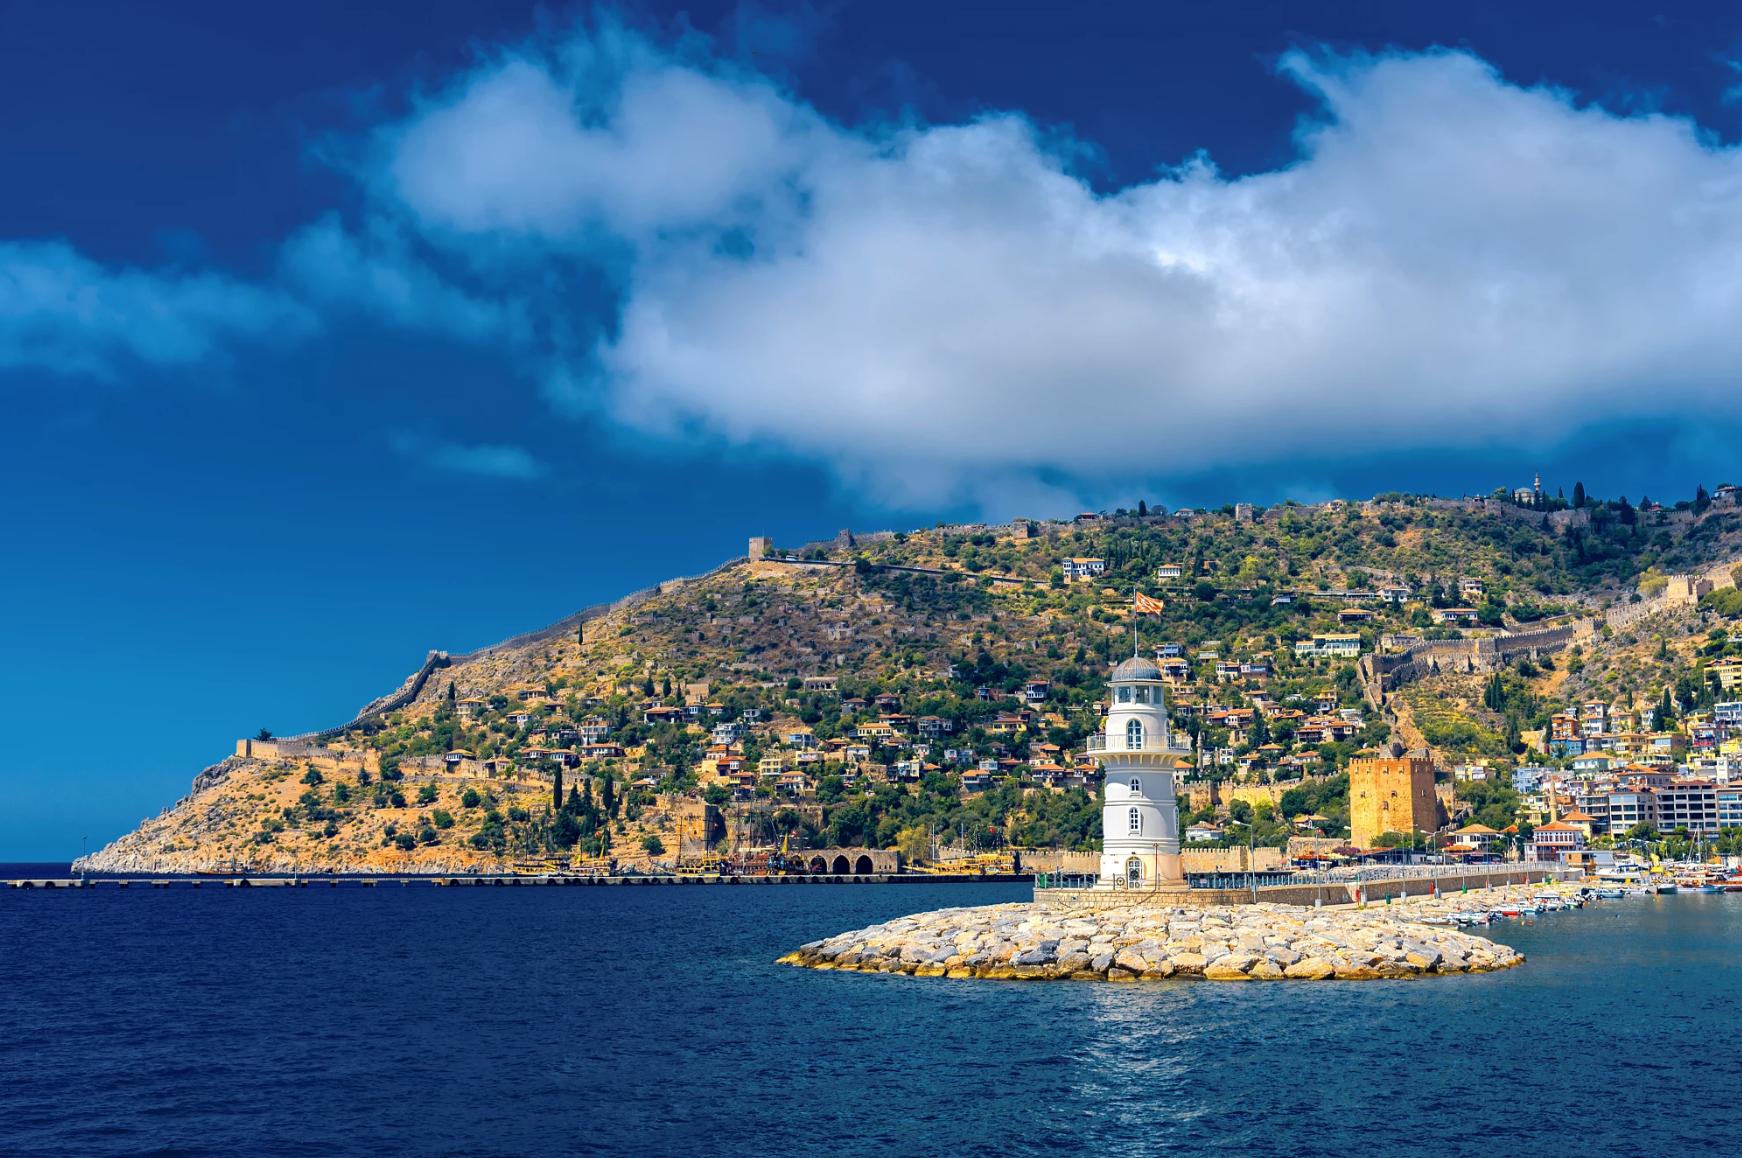 افضل الاماكن السياحية في انطاليا